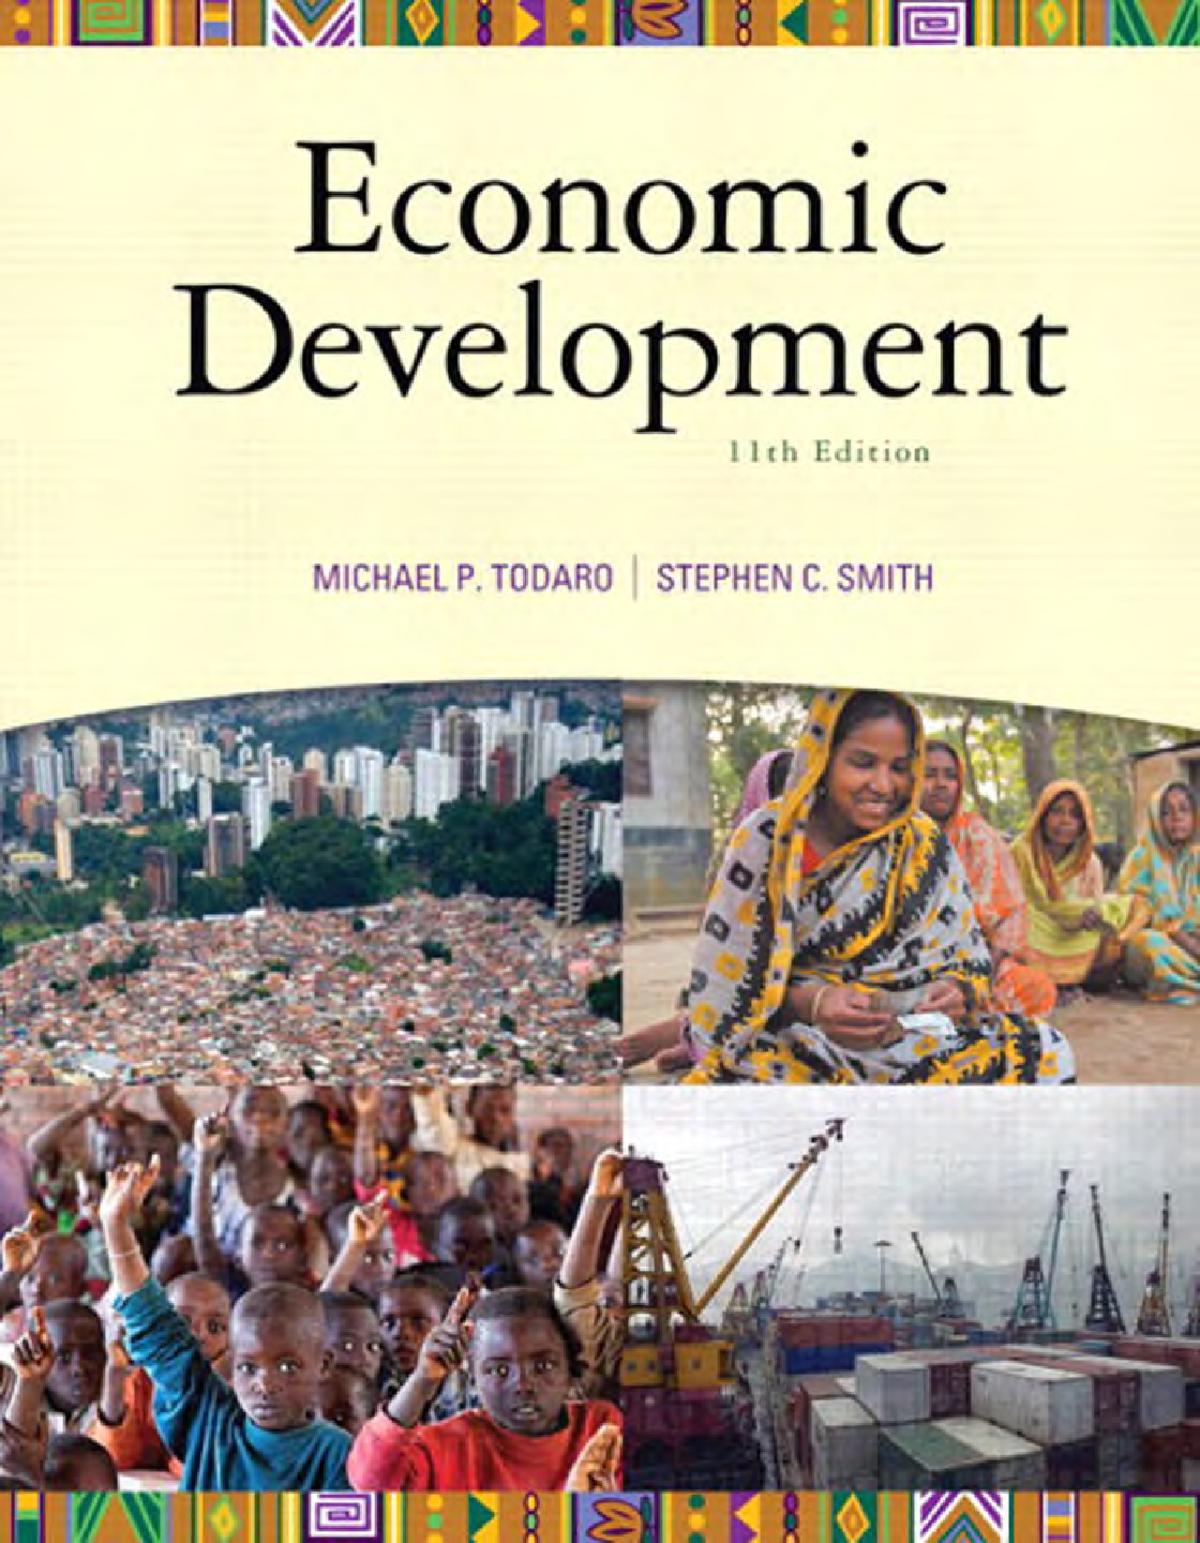 Todaro and smith - Summary Economic Development - 6011P0125Y - StuDocu